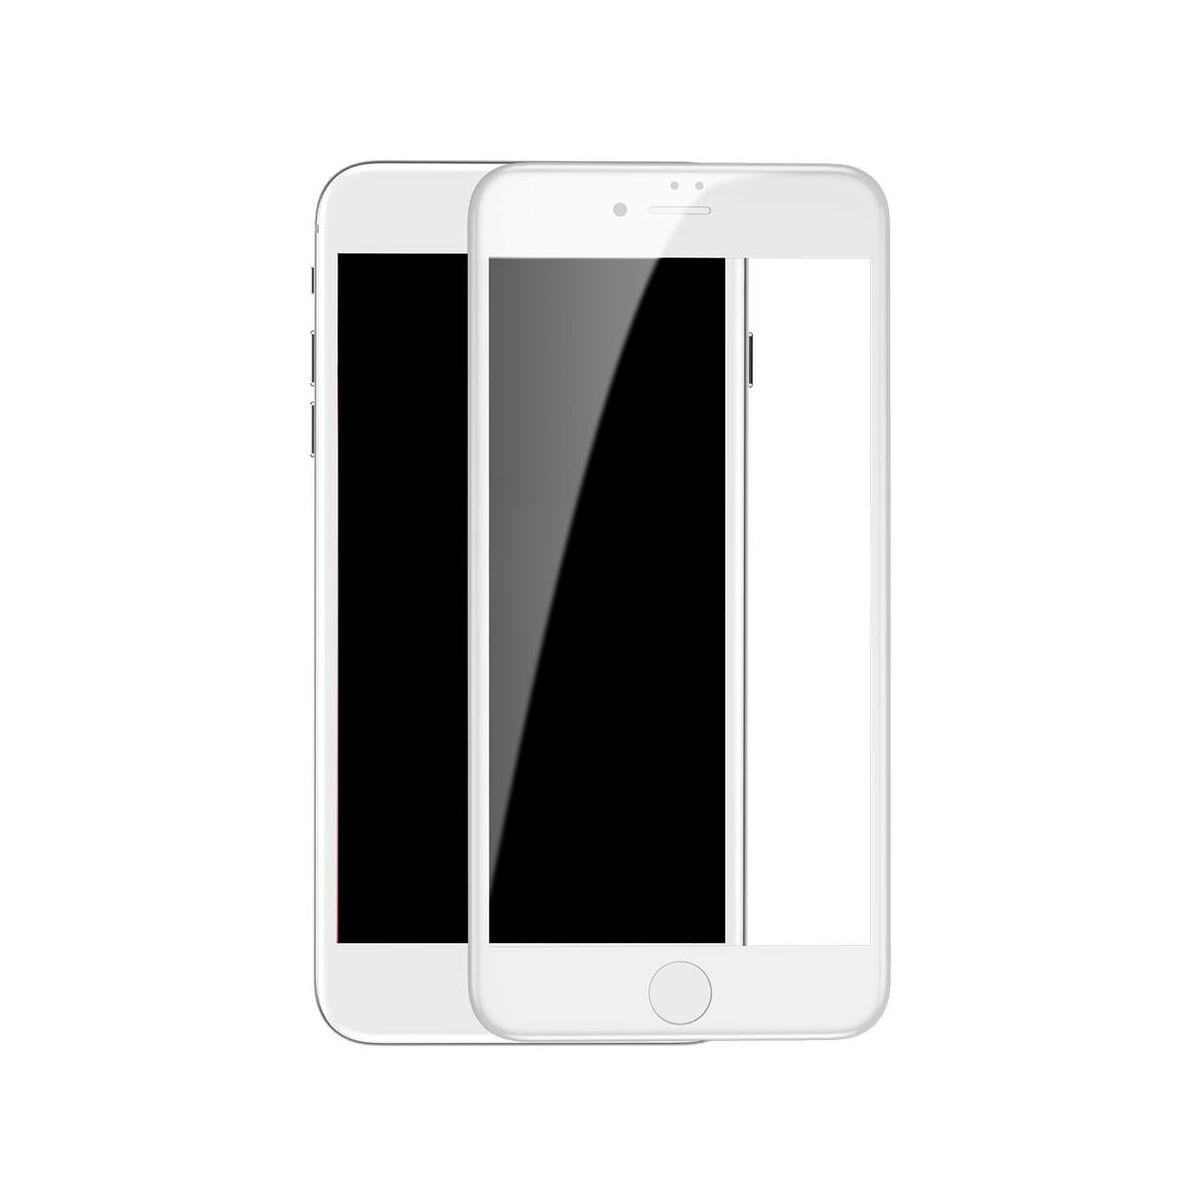 Baseus iPhone 8/7 0.3 mm, teljes felületre edzett üveg kijelzővédő fólia, fehér (SGAPIPH8N-KA02)